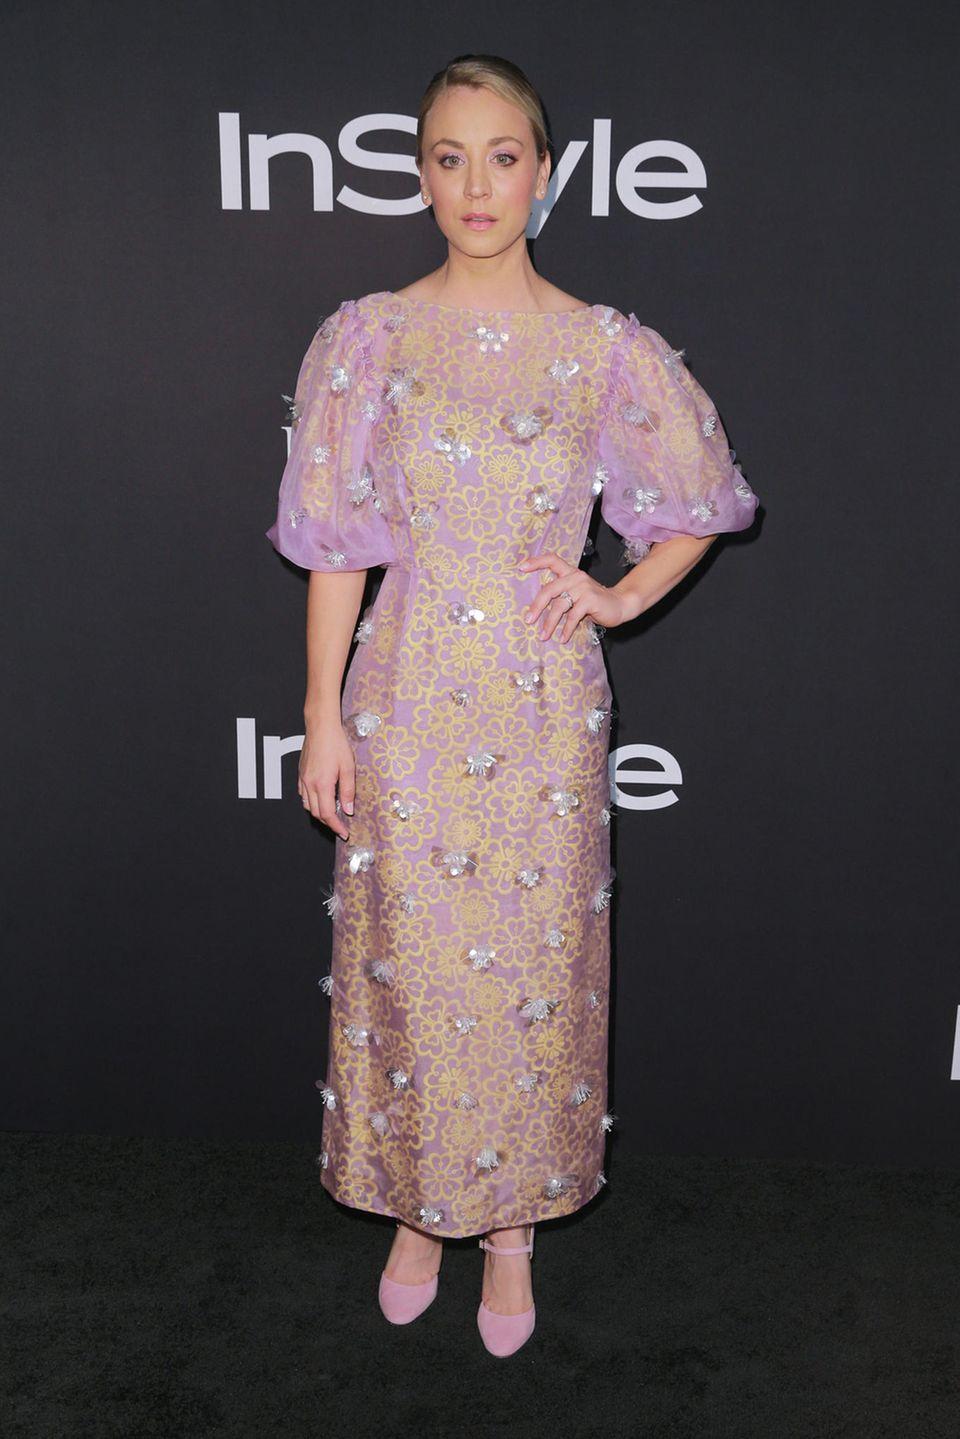 Ein Hingucker - nicht unbedingt im positiven Sinne -ist auch Kaley Cuocos Outfit während der Instyle Awards in L.A. Das bodenlange, fliederfarbene Kleid mit Puffärmeln wirkt ein wenig hausbacken und schmeichelt der hübschen Blondine wenig.